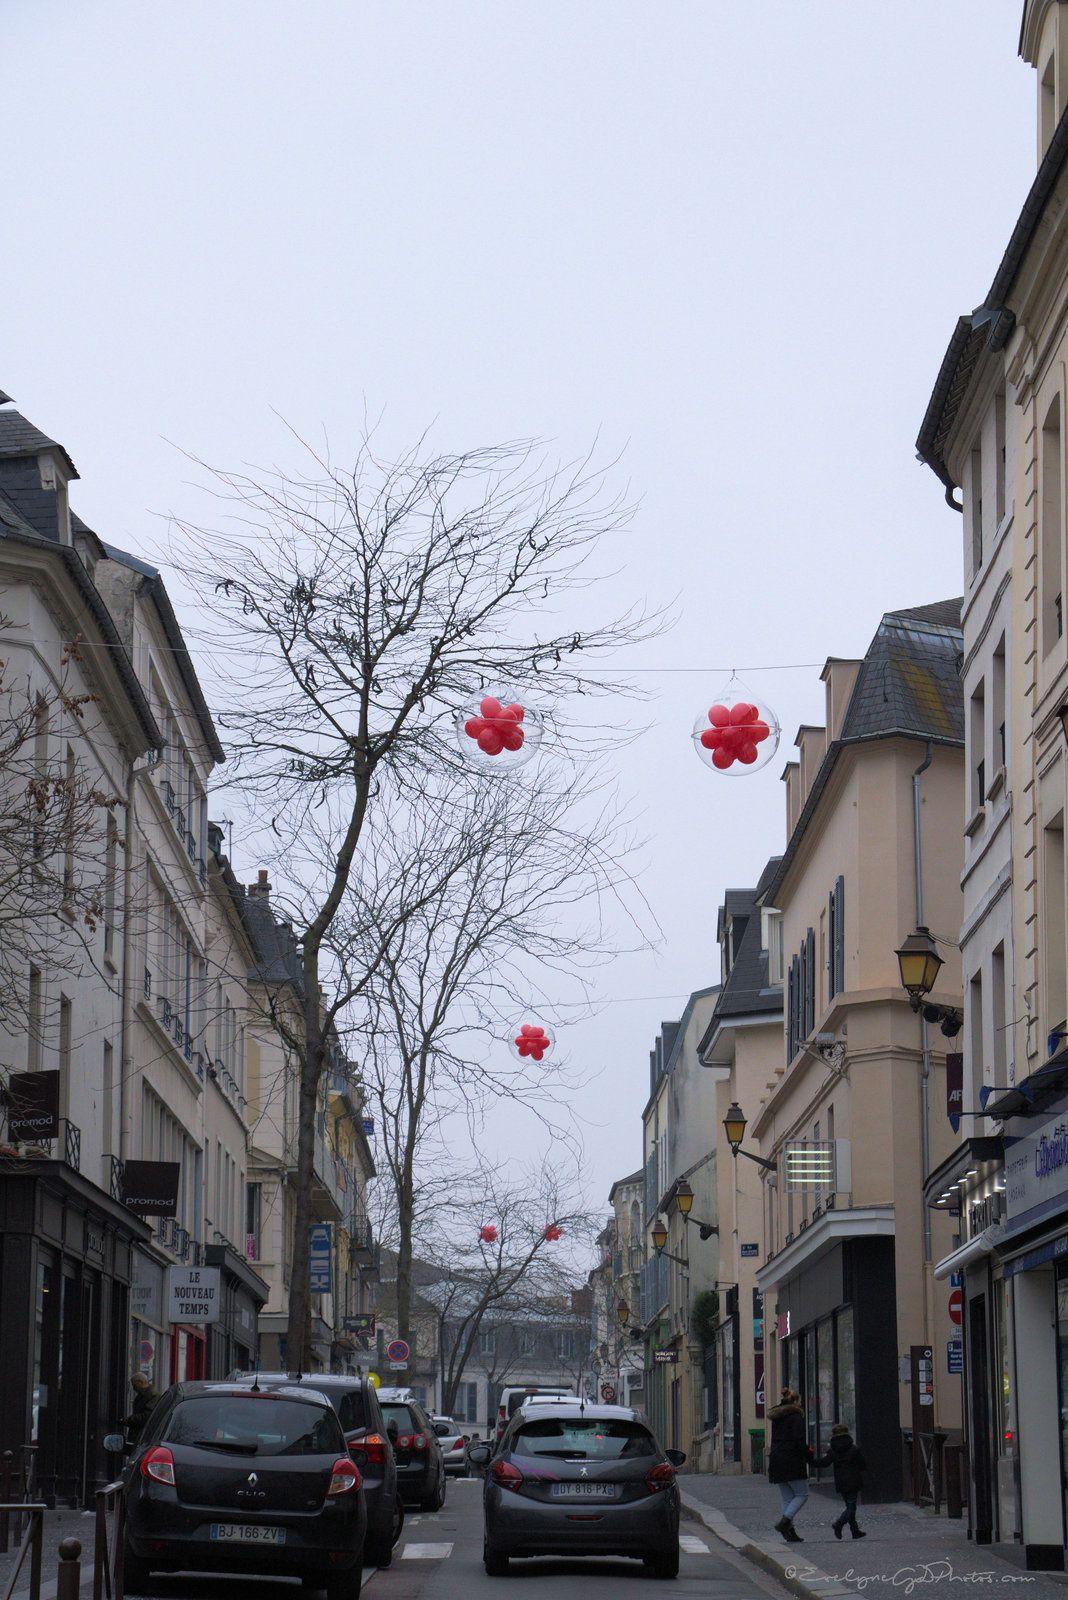 Dans la rue, des ballons rouges..